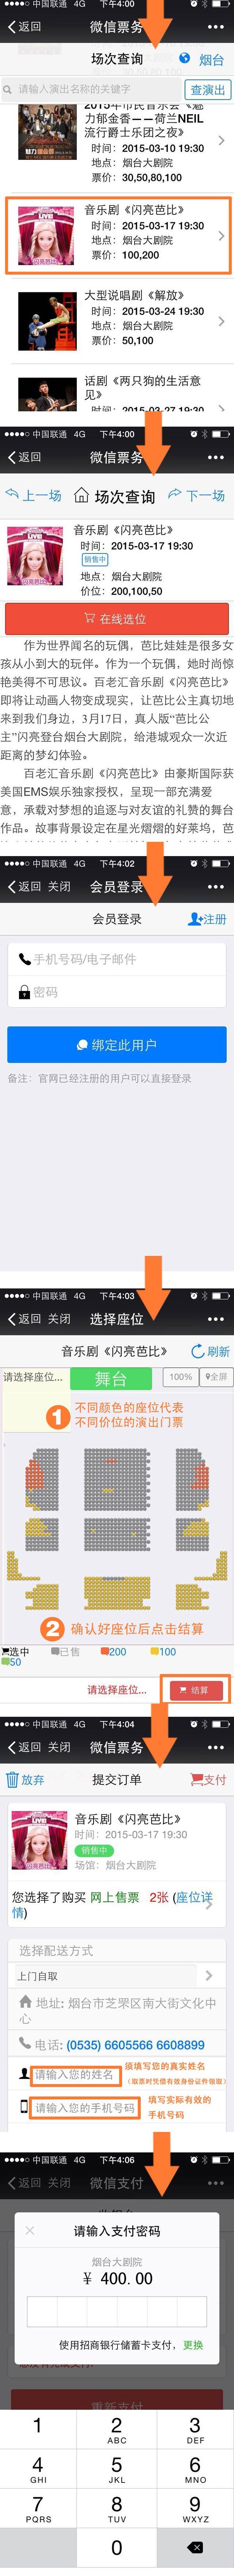 烟台大剧院微信购票操作方法(图文详解)